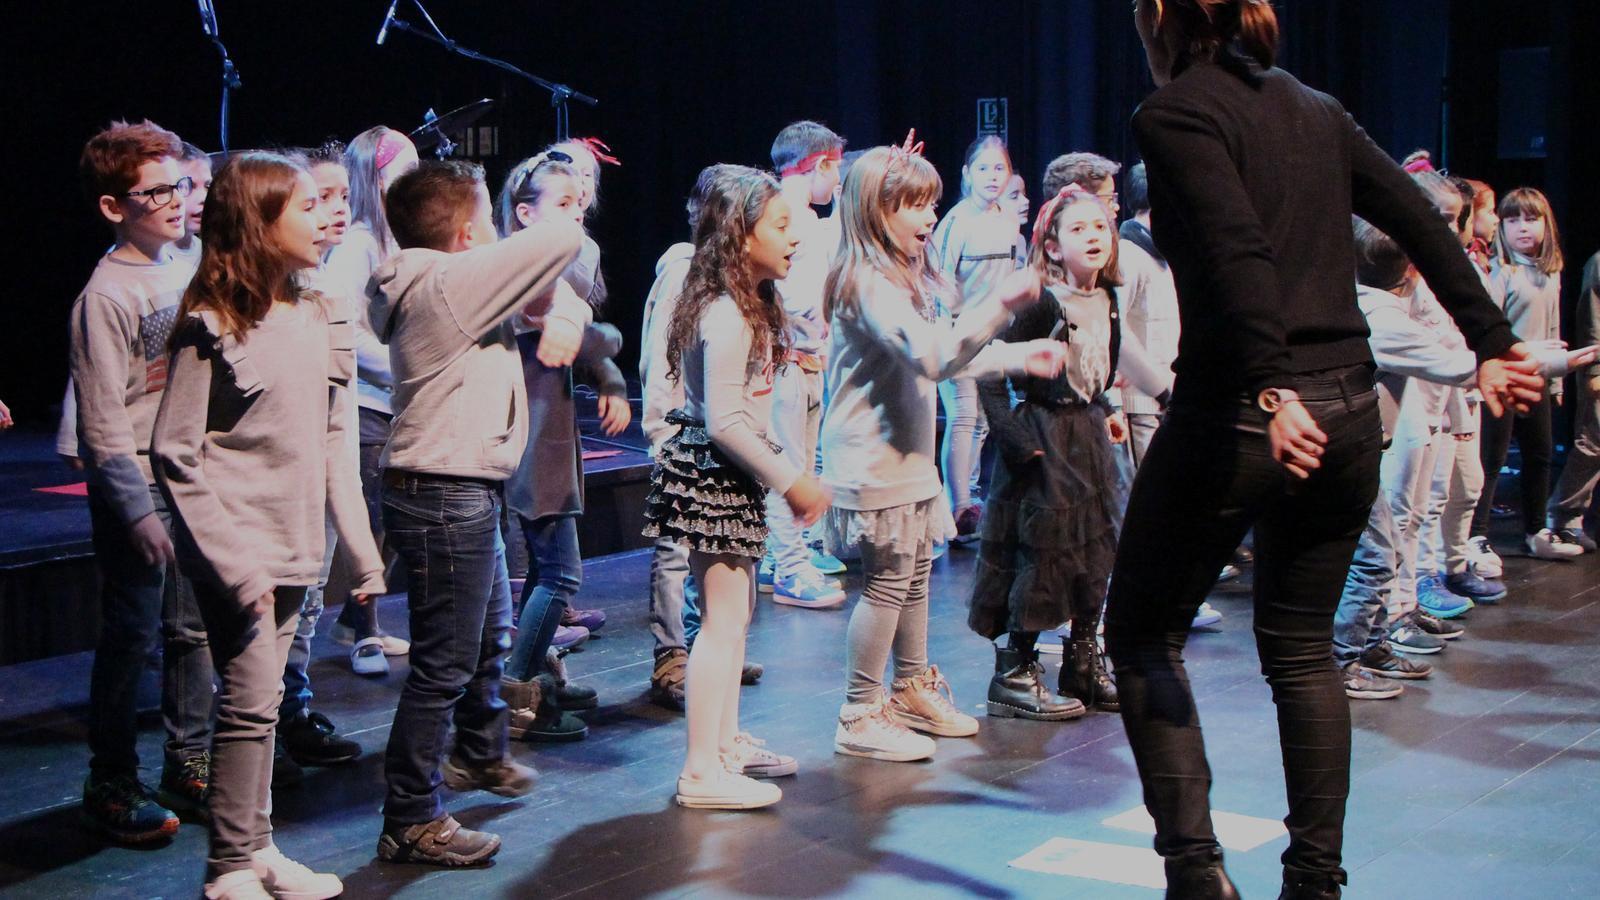 En algunes de les actuacions, els alumnes de l'escola andorrana s'han animat a ballar, acompanyats de la seva tutora. / M. R. F.